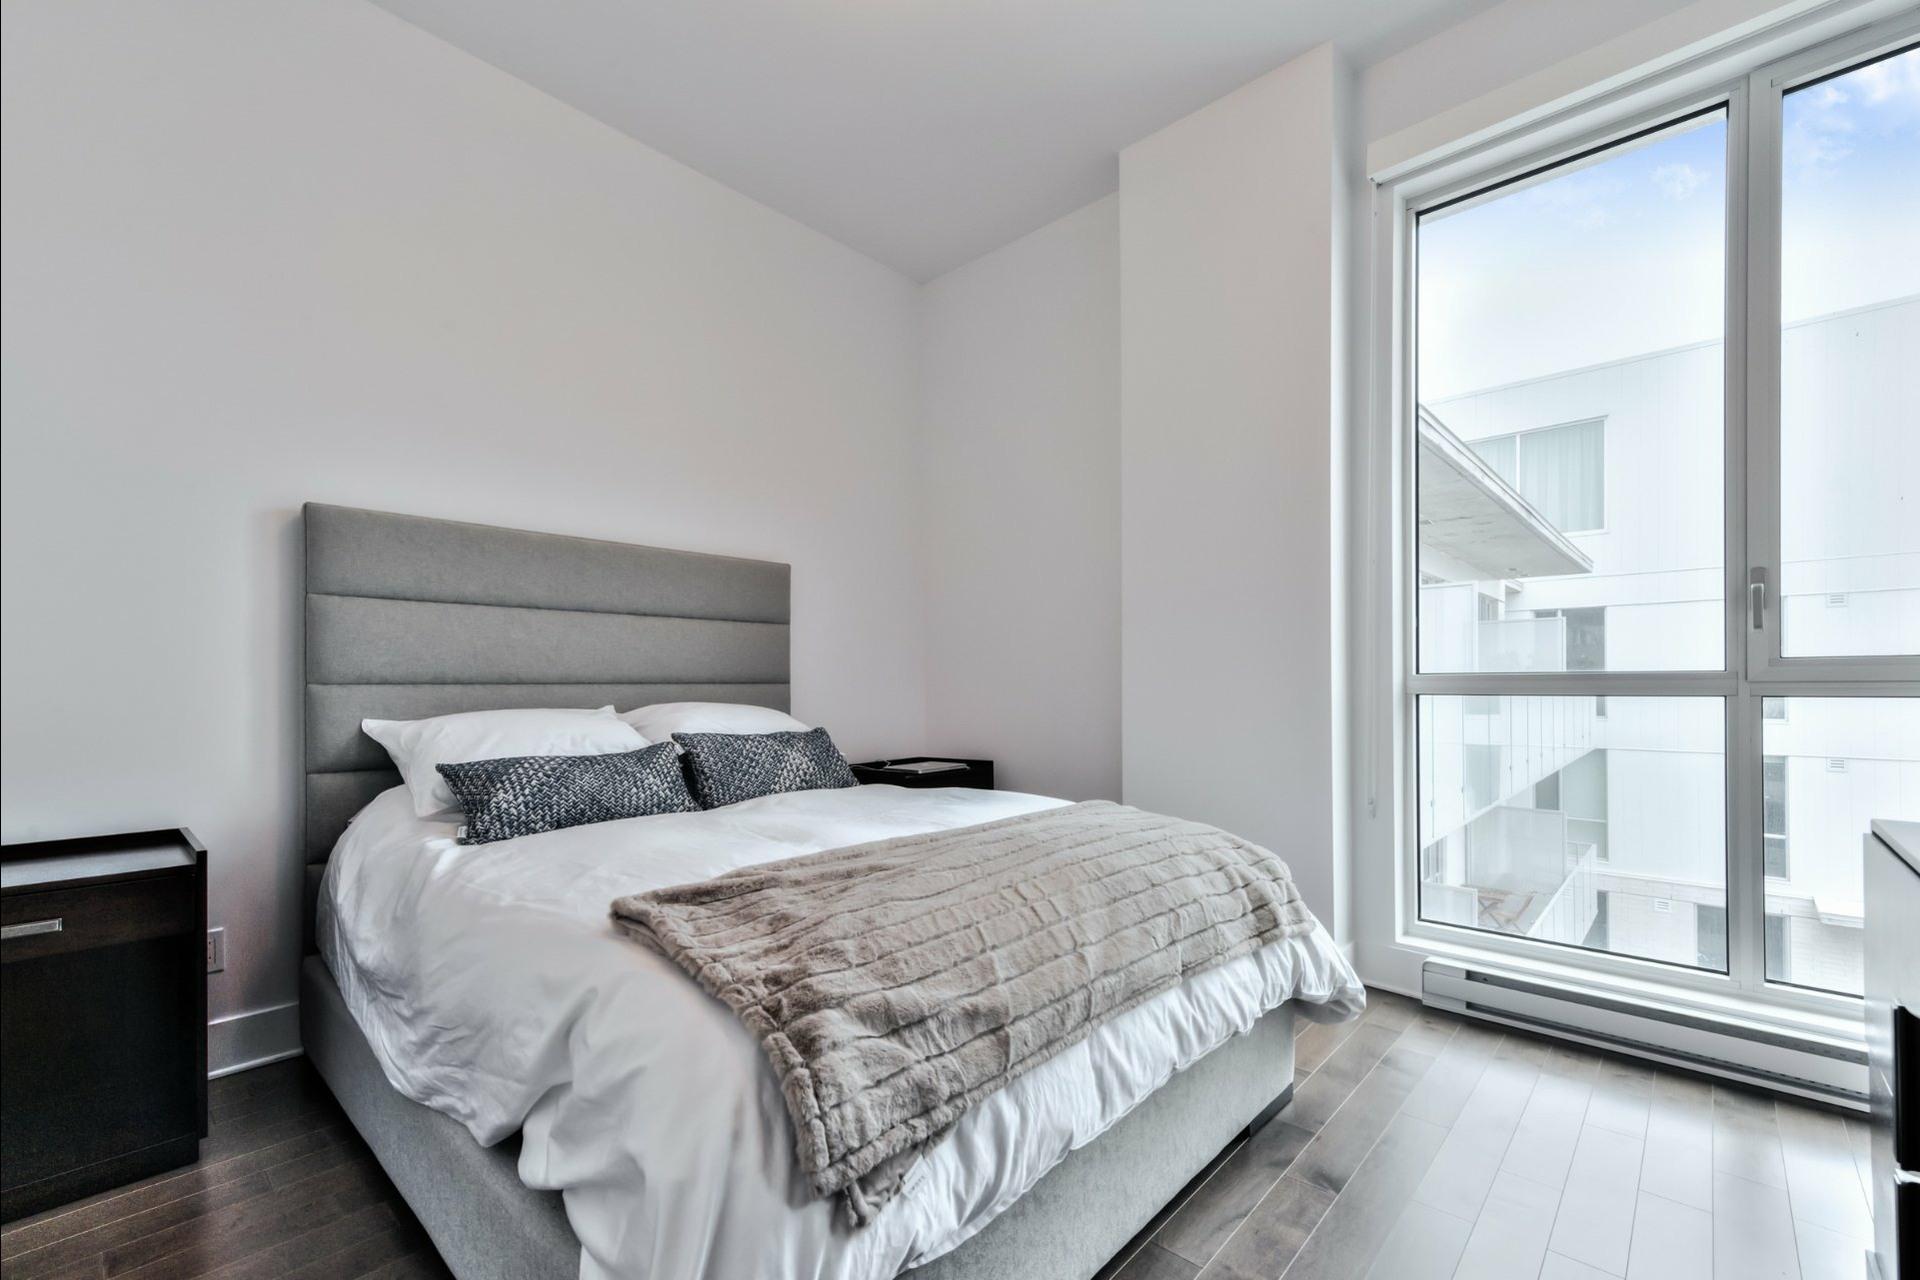 image 15 - 公寓 出售 Côte-des-Neiges/Notre-Dame-de-Grâce Montréal  - 4 室